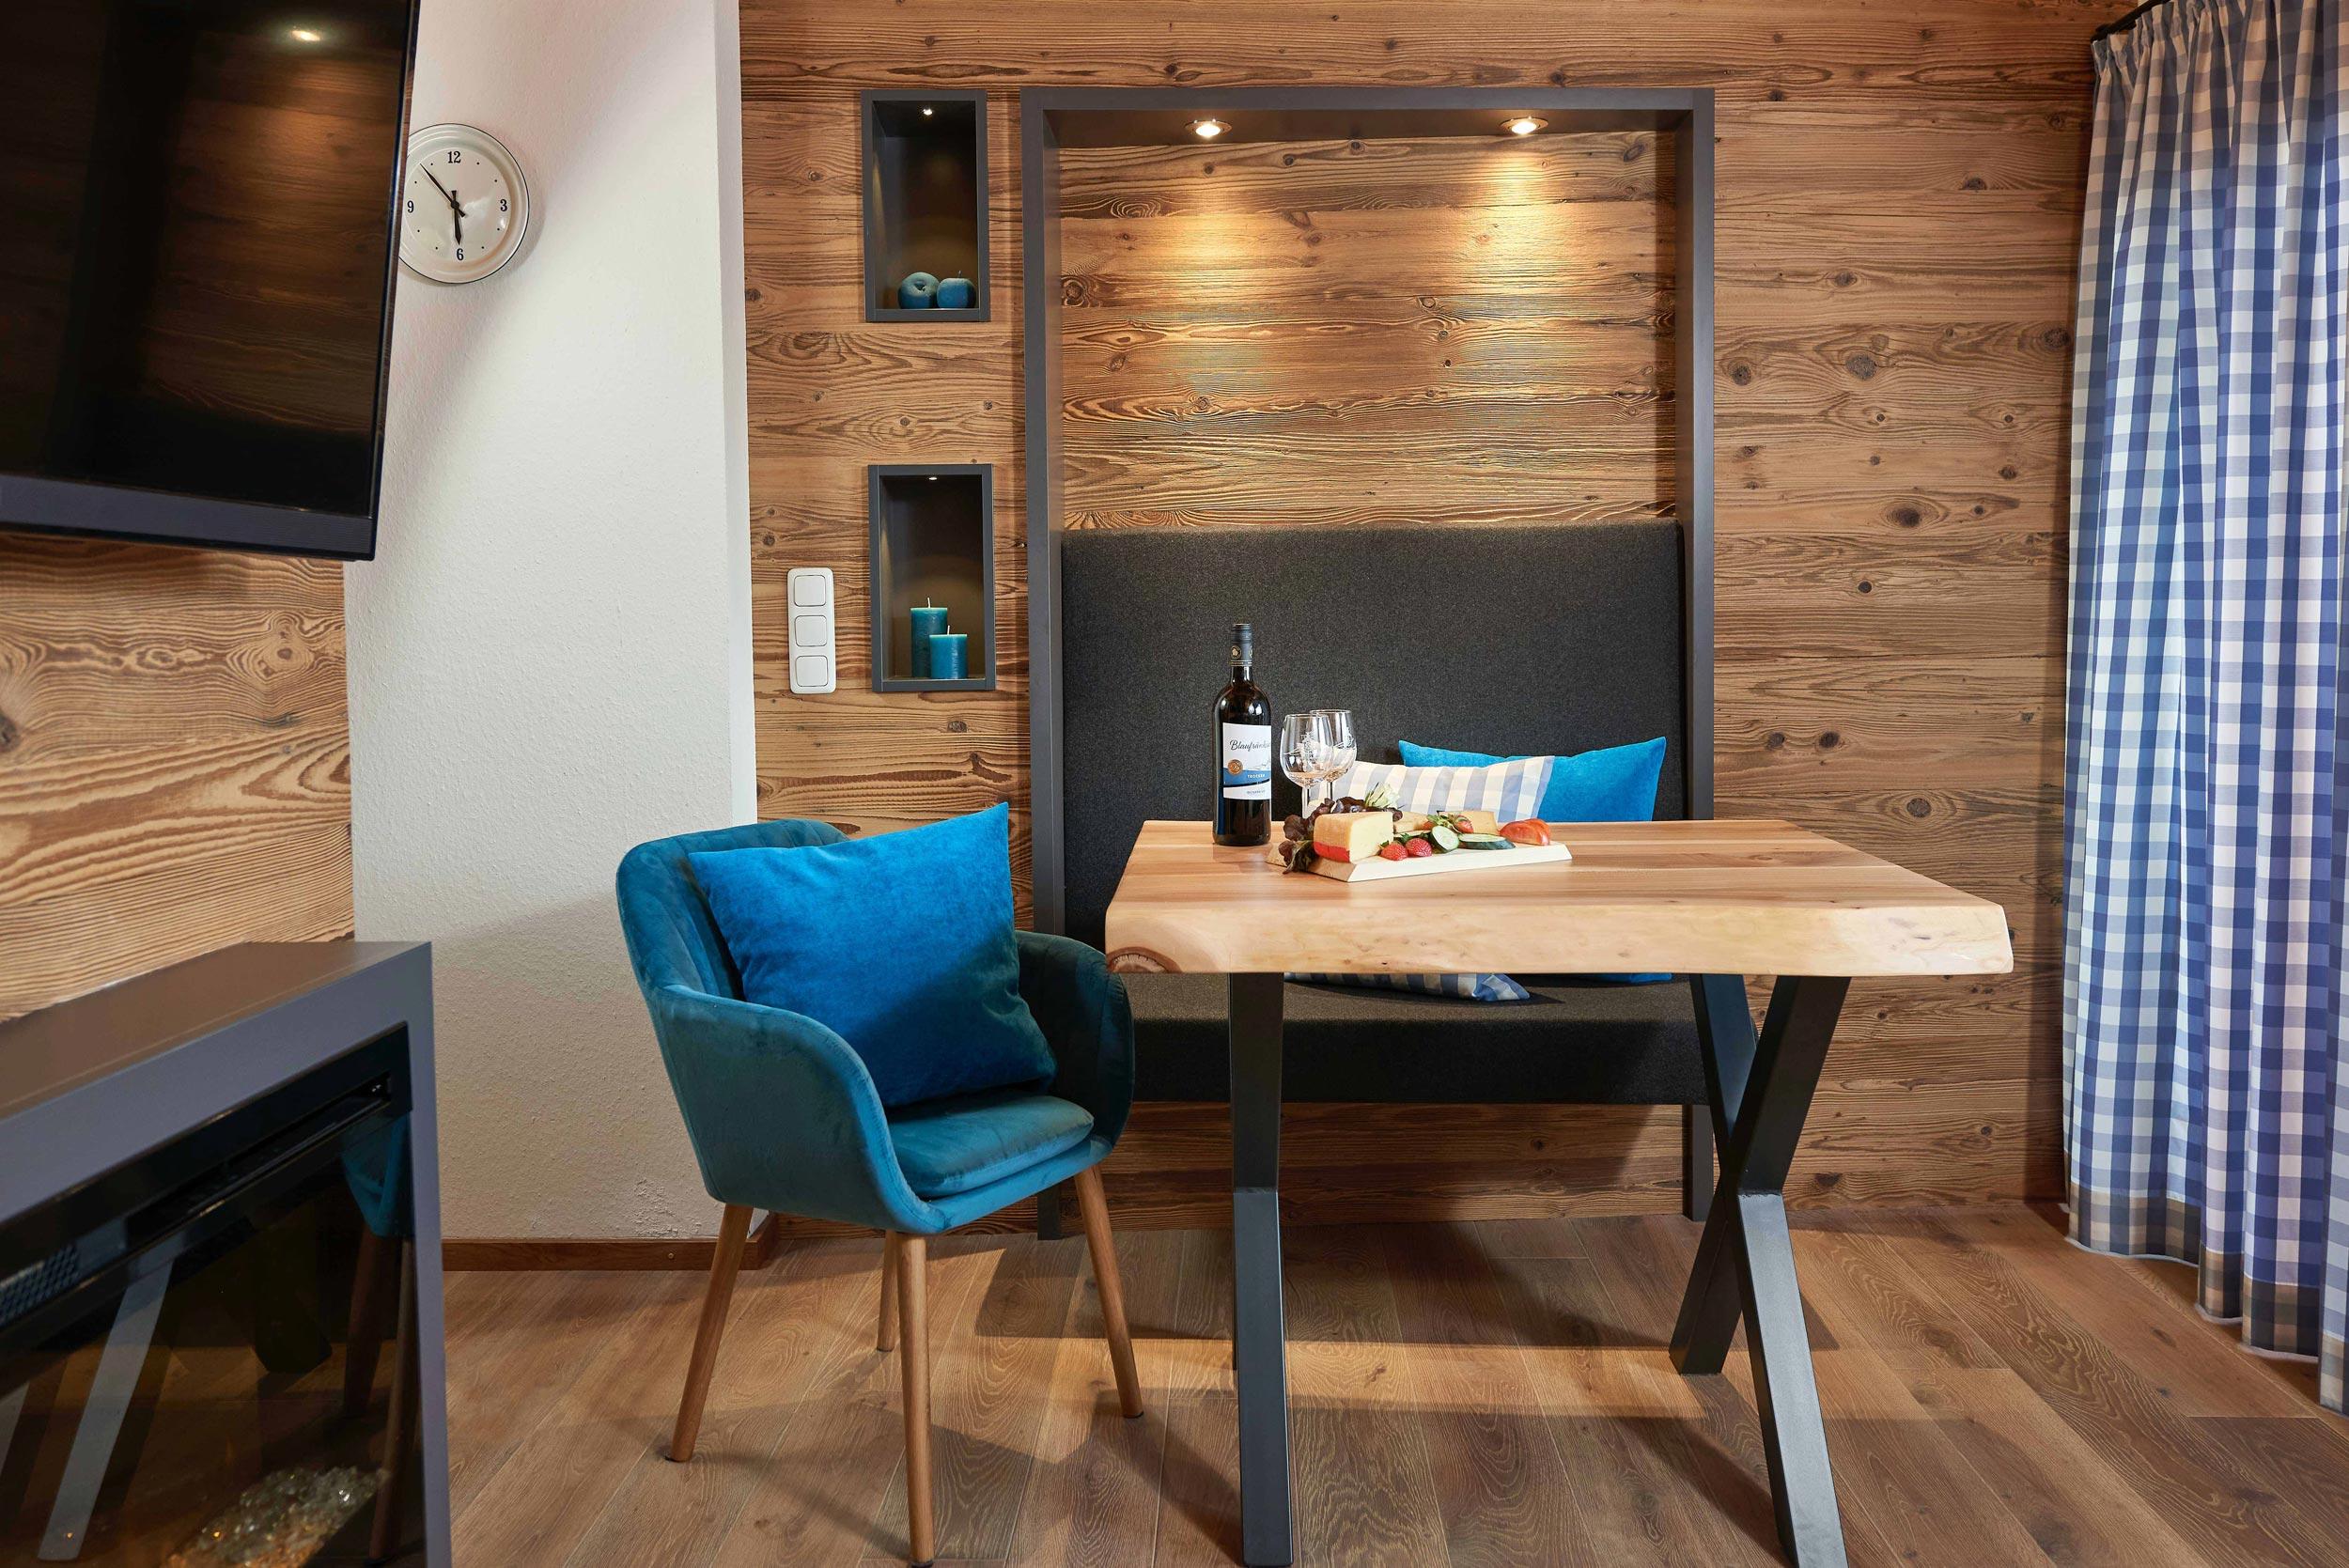 Esstisch mit Brotzeitplatte, Stuhl und Bank